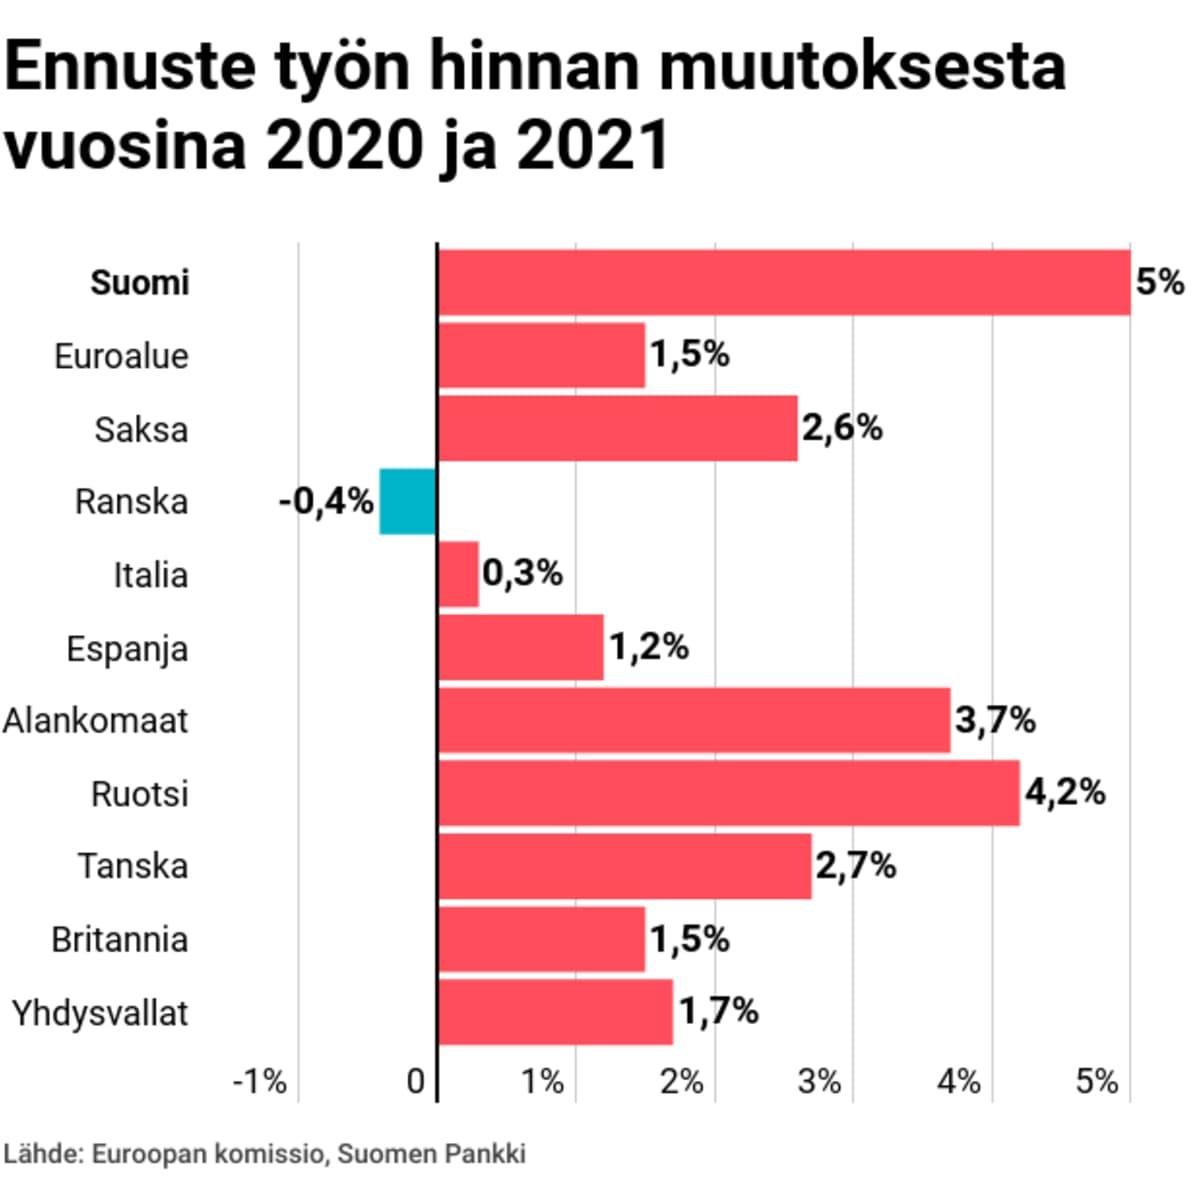 Ennuste työn hinnan muutoksesta vuosina 2020 ja 2021